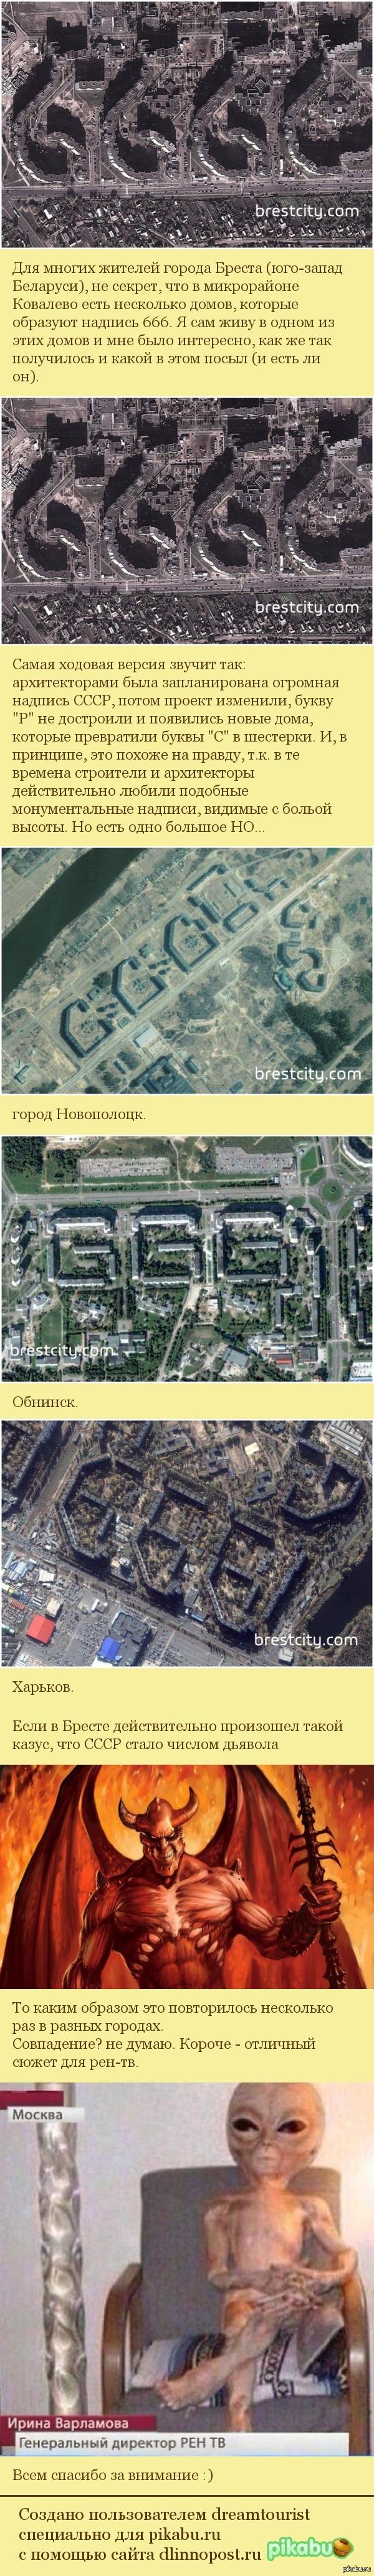 Мистика низкого сорта на постсоветском пространстве